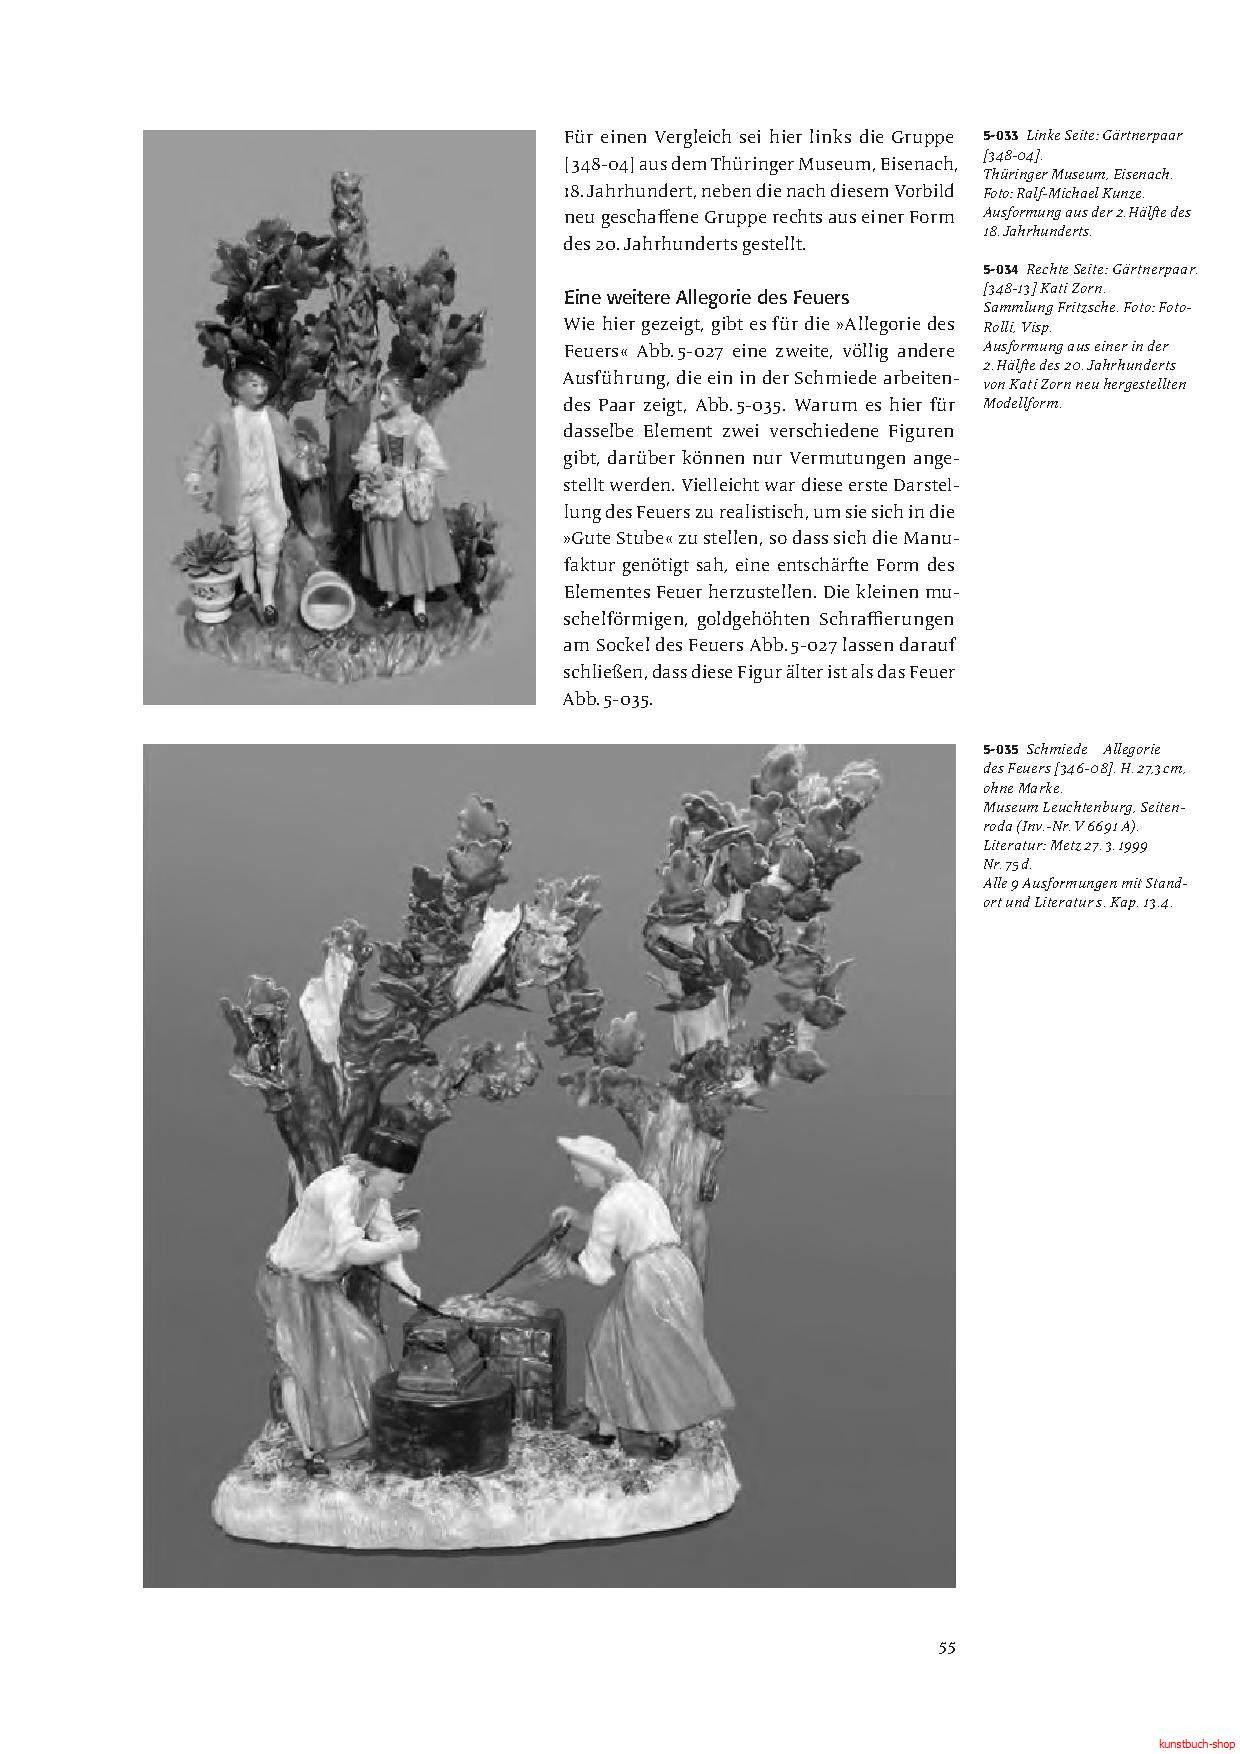 Die Aelteste Volkstedter Porzellanmanufaktur